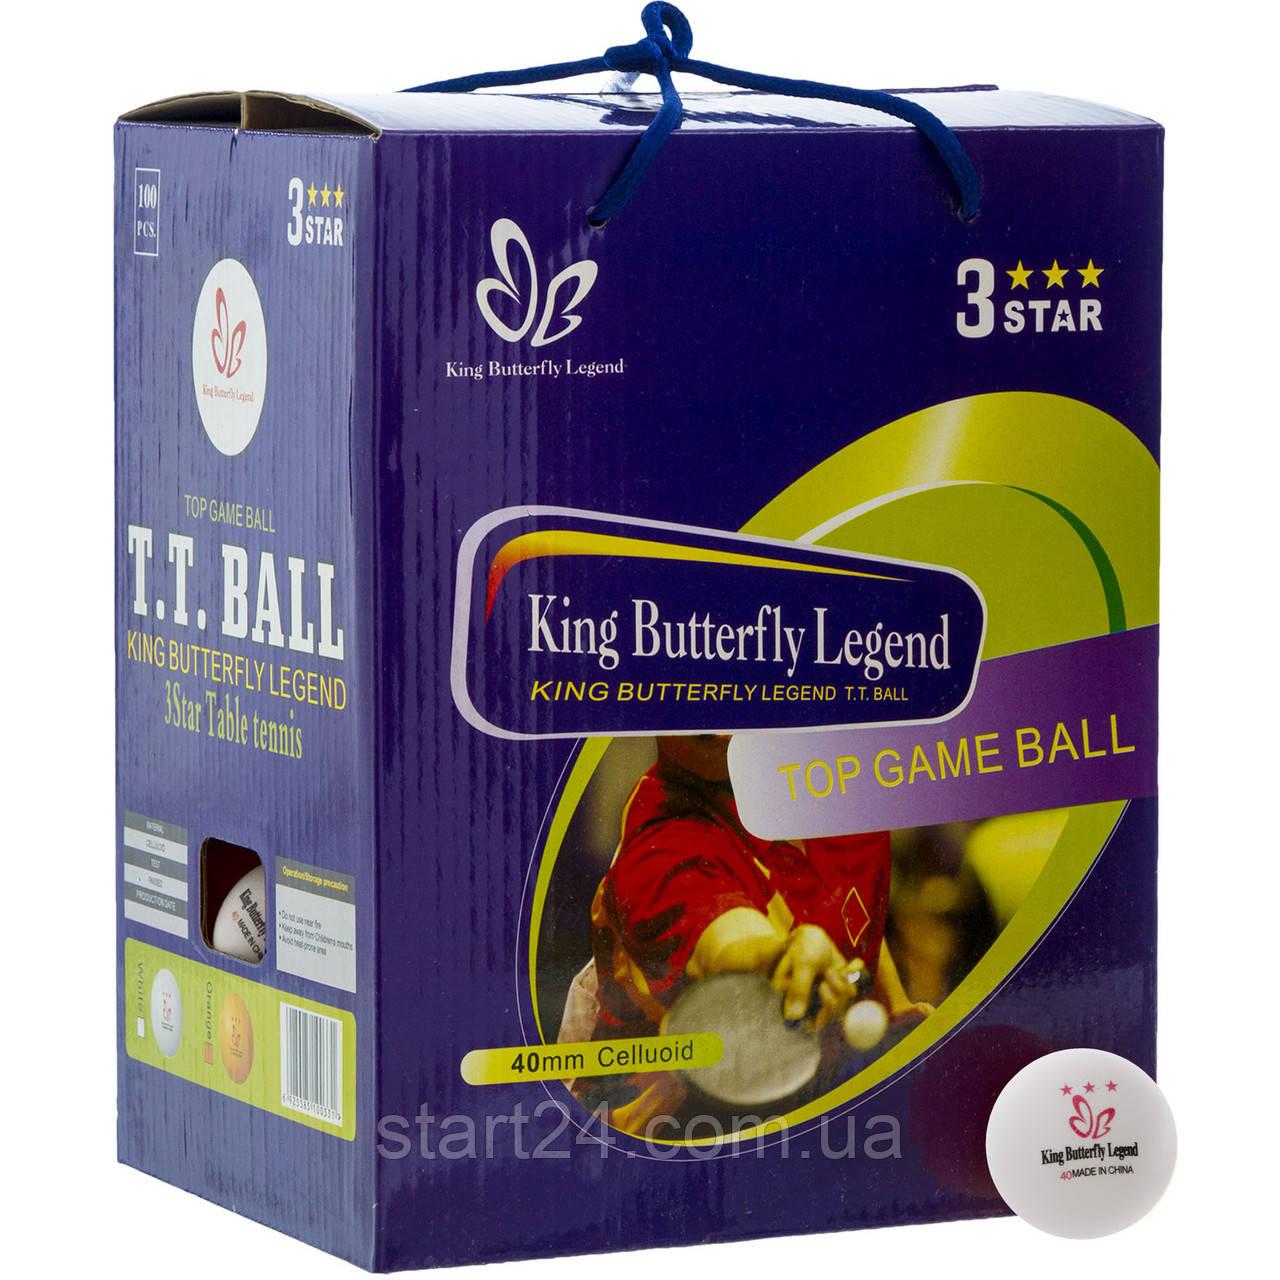 Набор мячей для настольного тенниса 100 штук в цветной картонной коробке BUT MT-8396 3star (d-40мм, цвета в